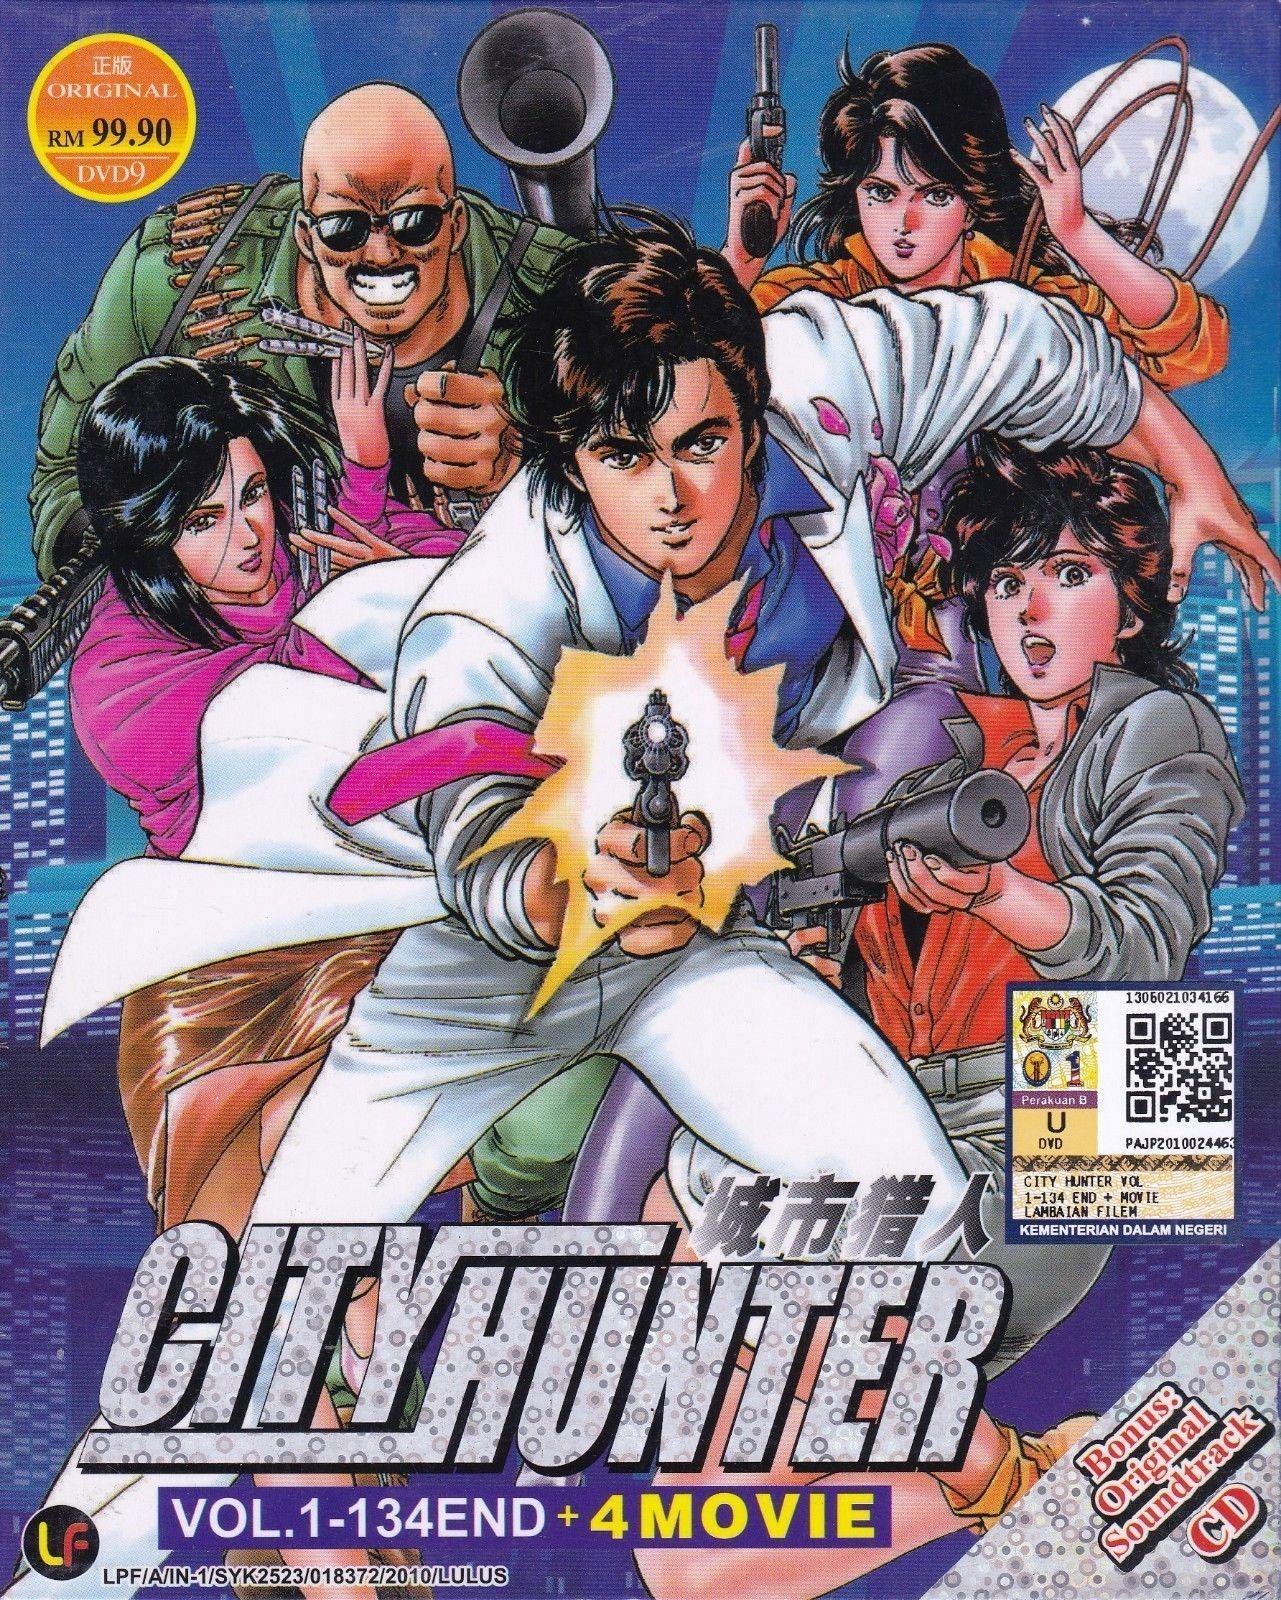 Dvd Anime City Hunter Vol 1 134end 4 Movies English Sub Region All